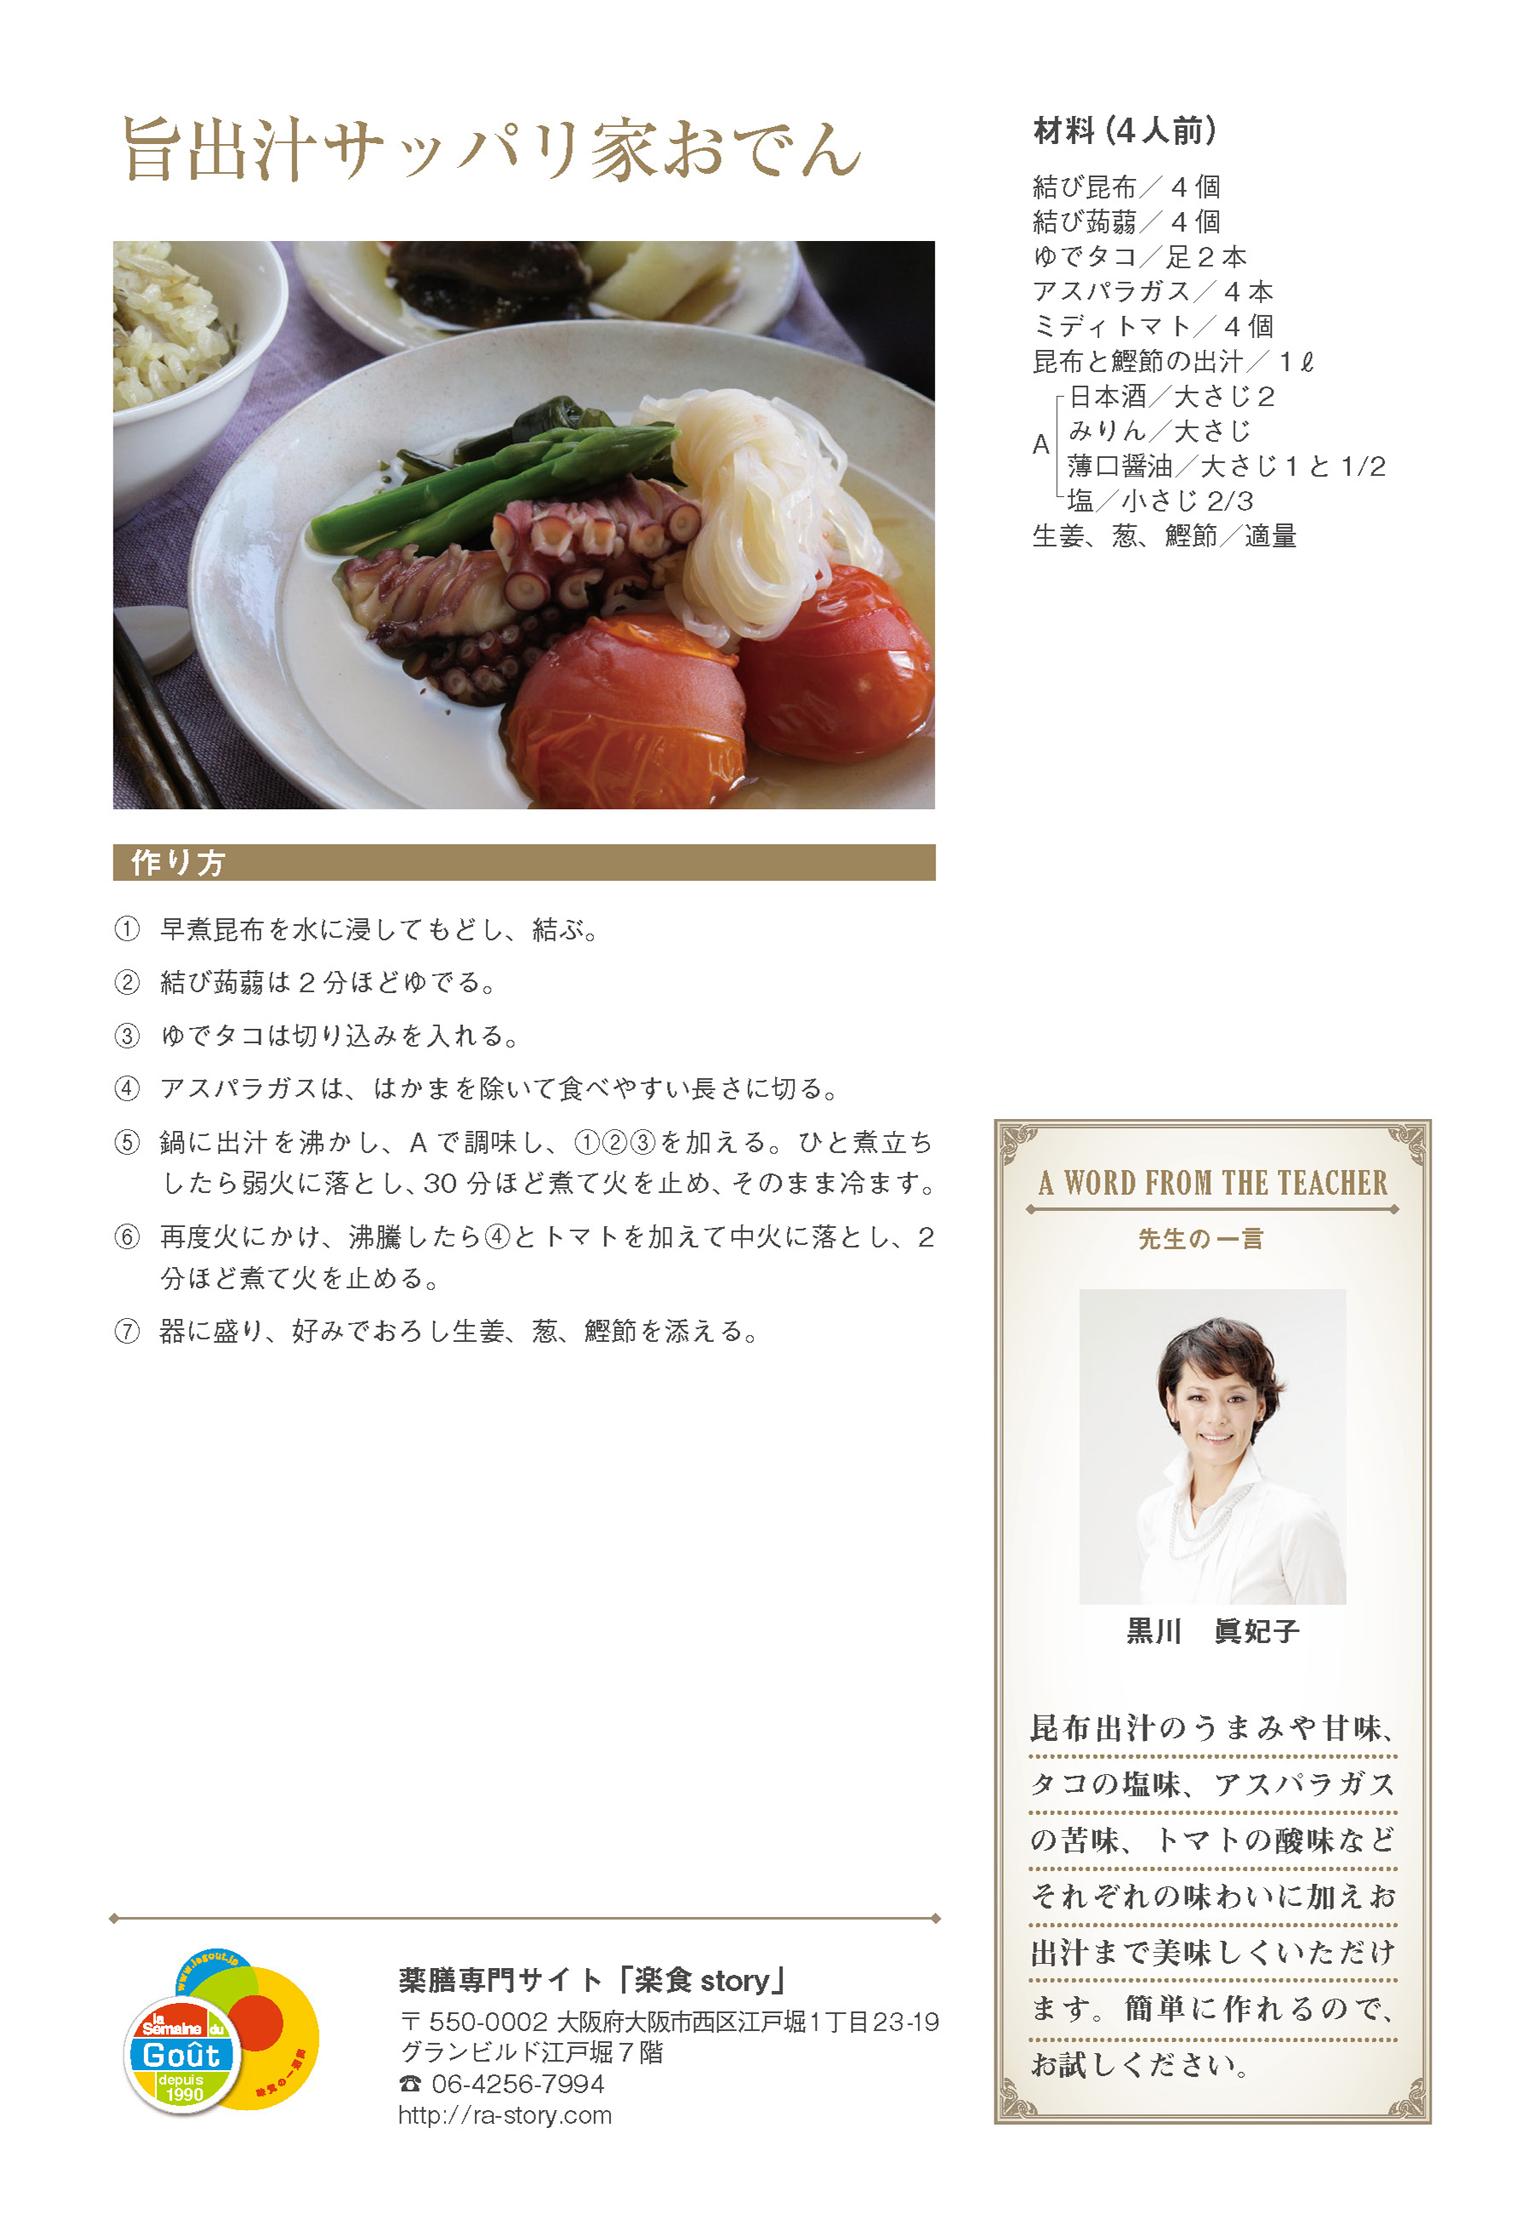 薬膳専門サイト「楽食story」